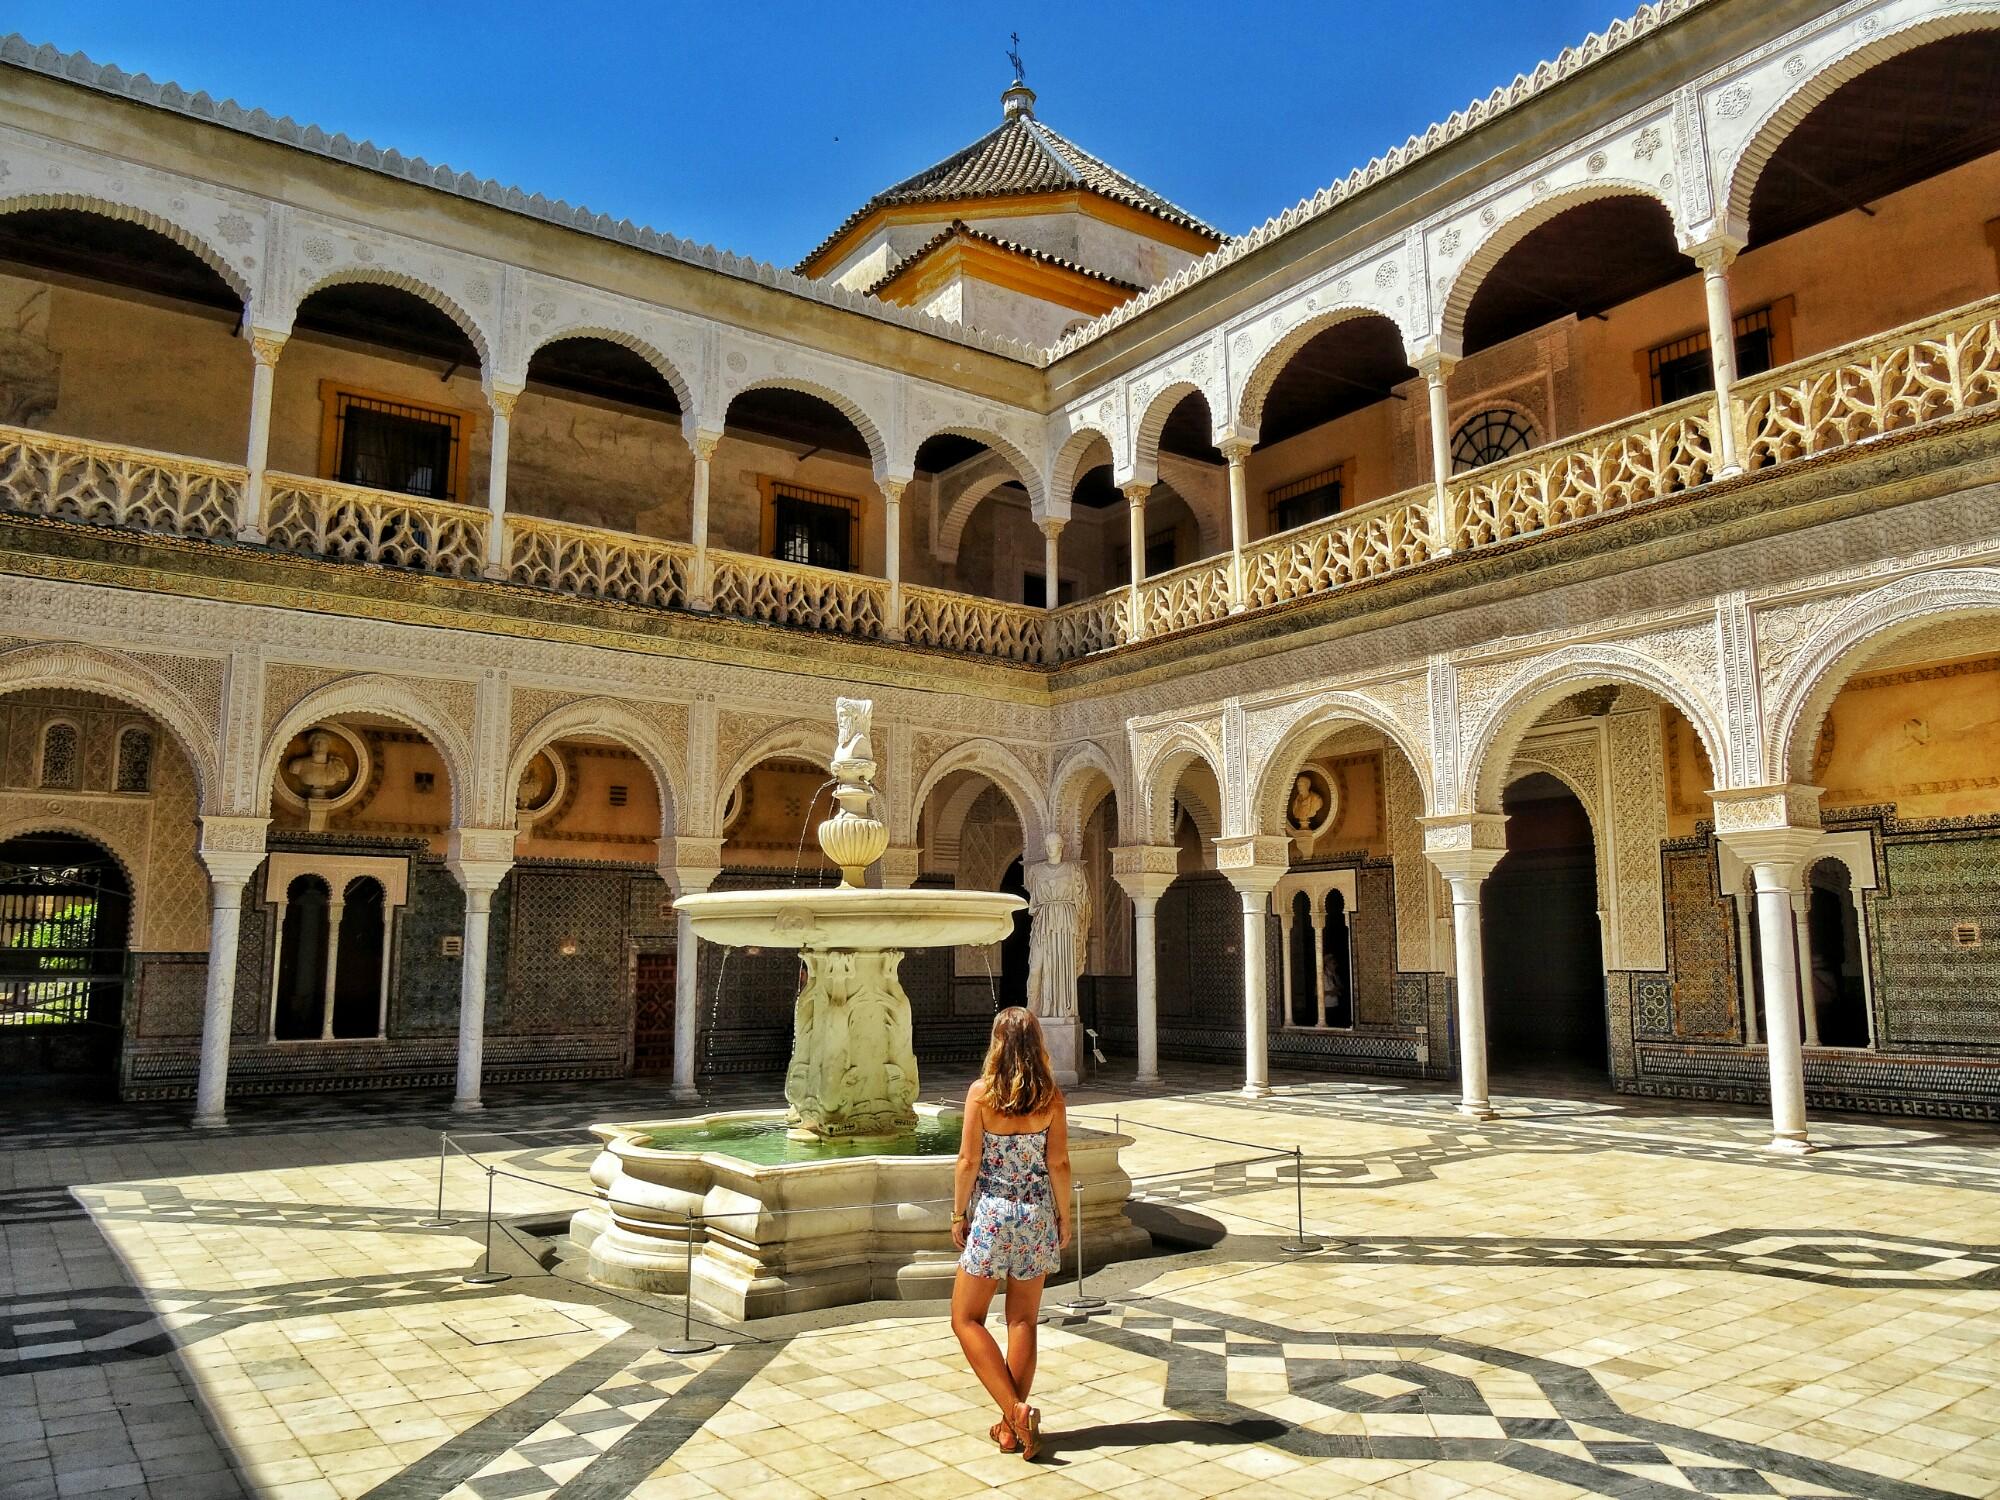 Casa De Pilatos A Tour Of The Most Magnificent House In